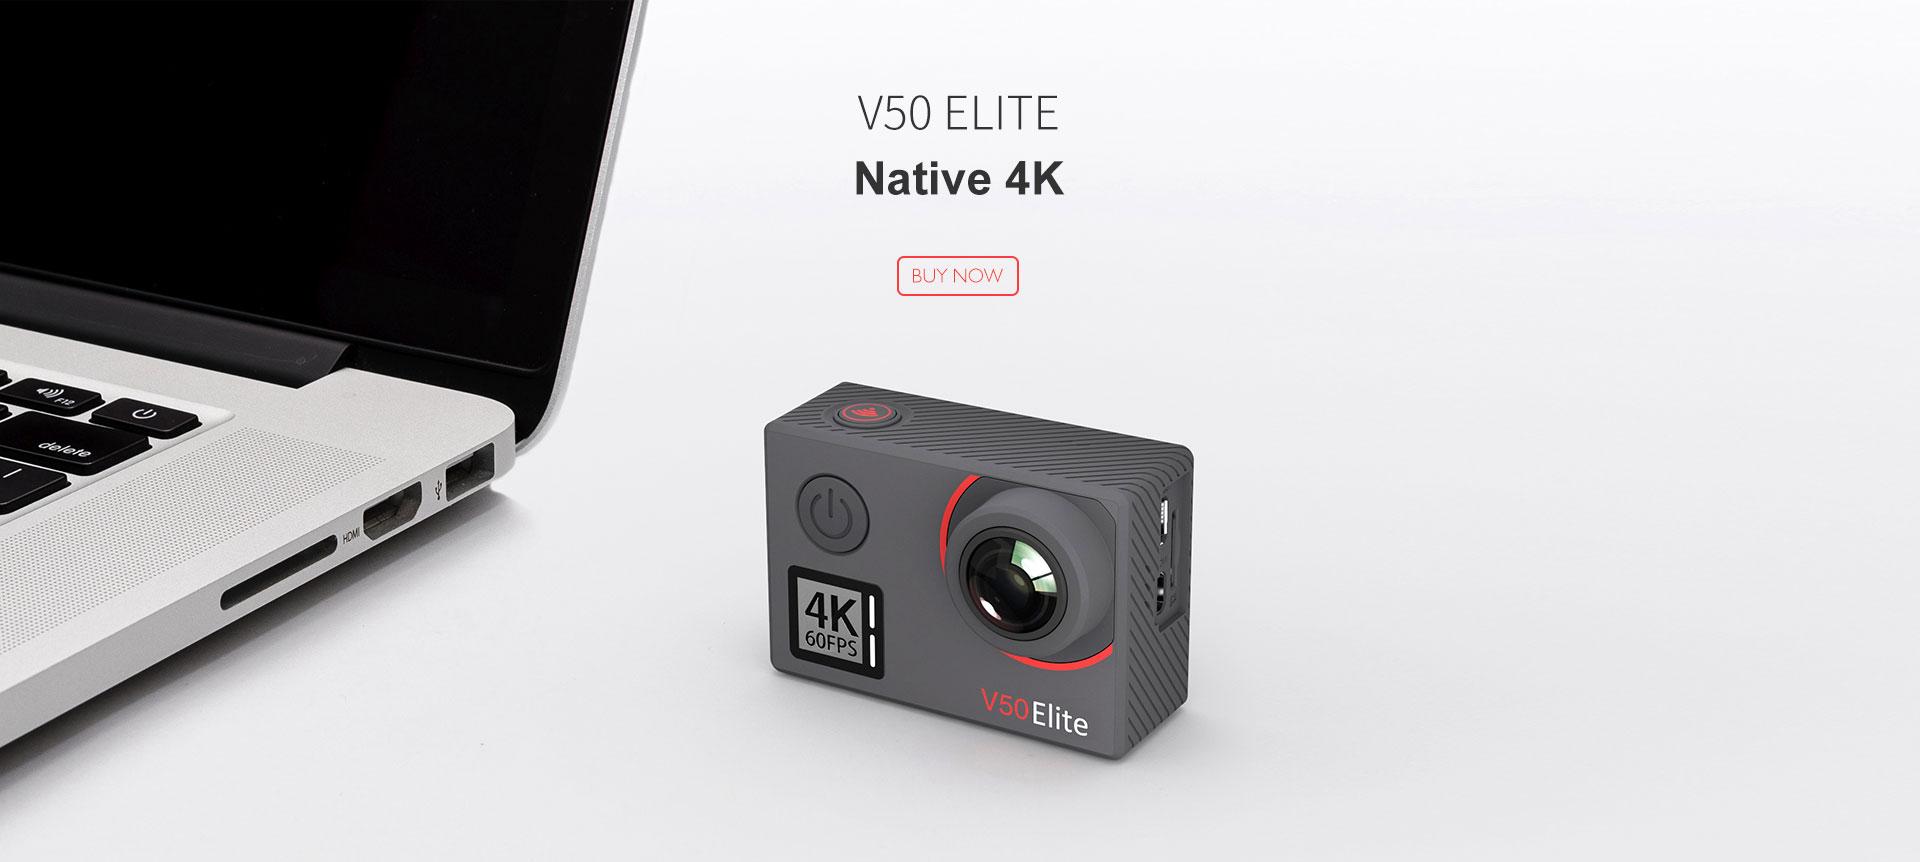 V50 Elite